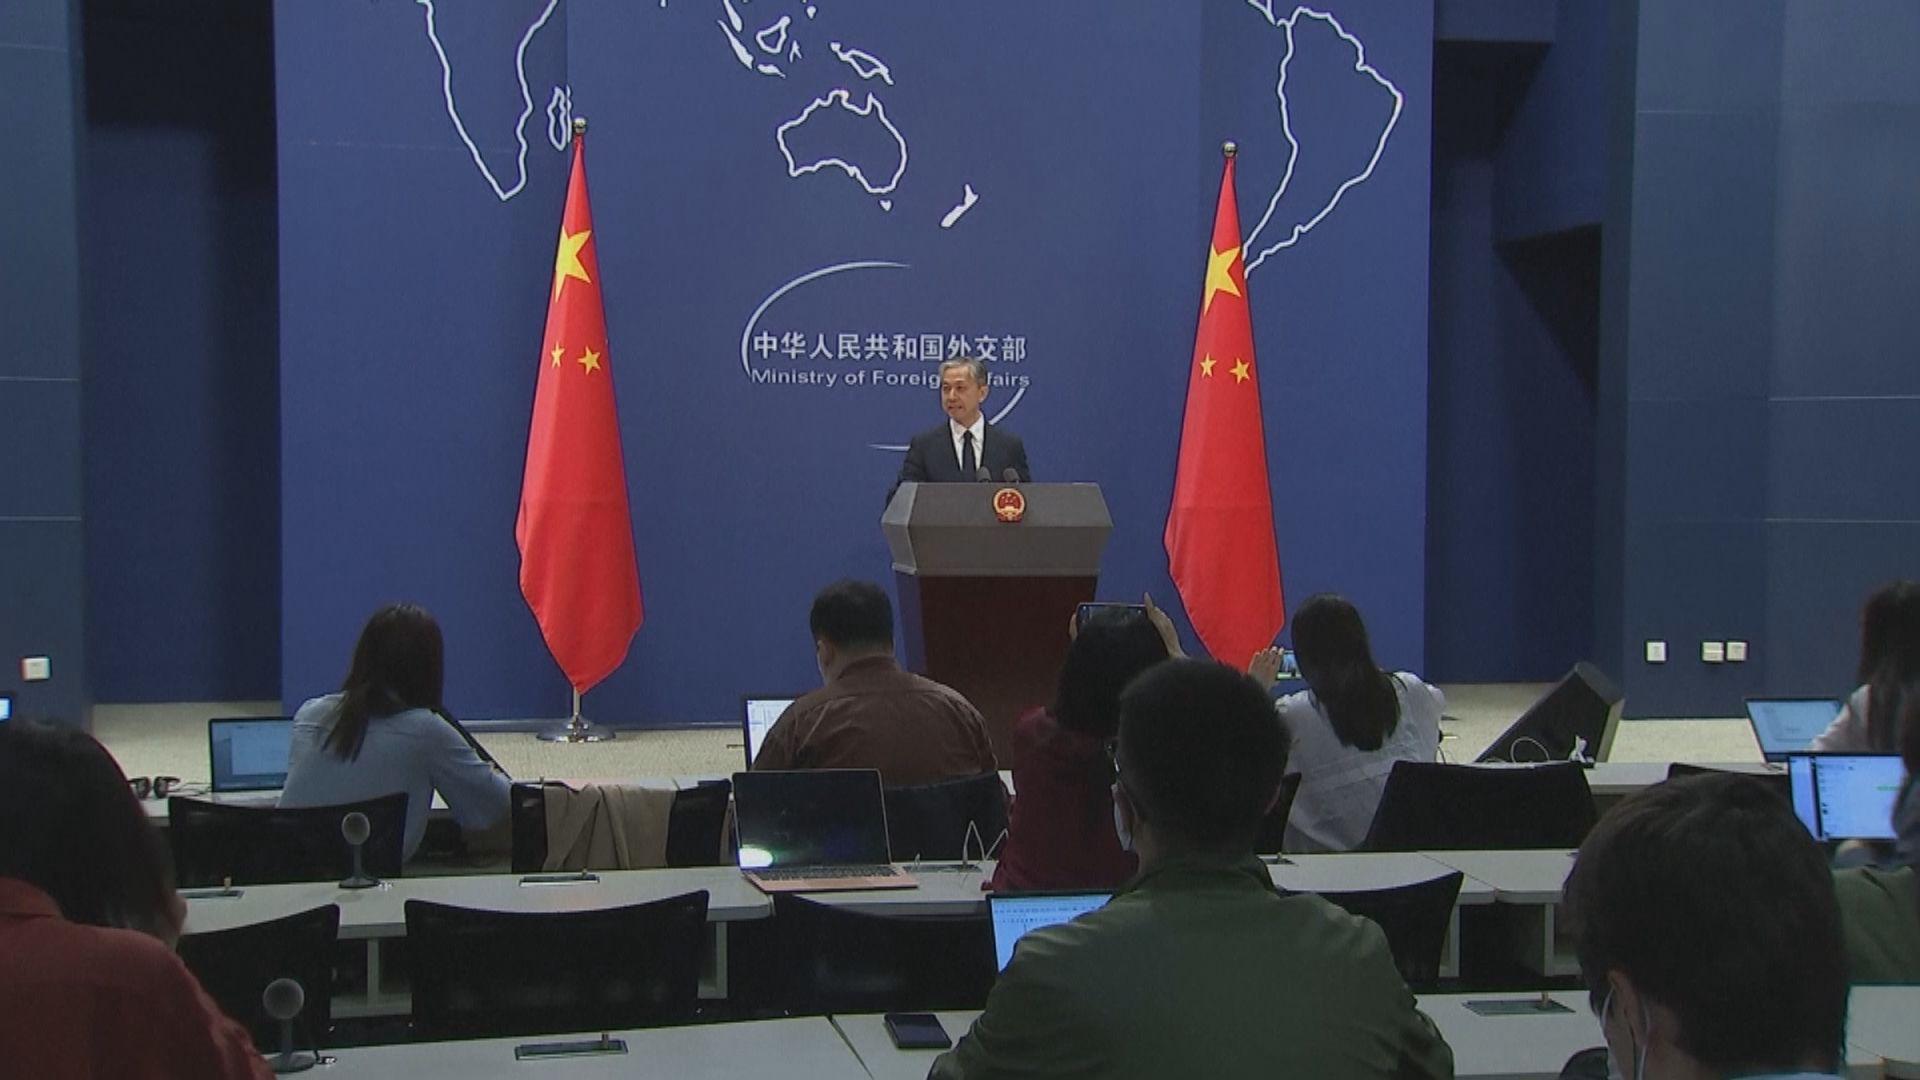 外交部:冀美勿干涉別國內政 回到合作應對環境危機